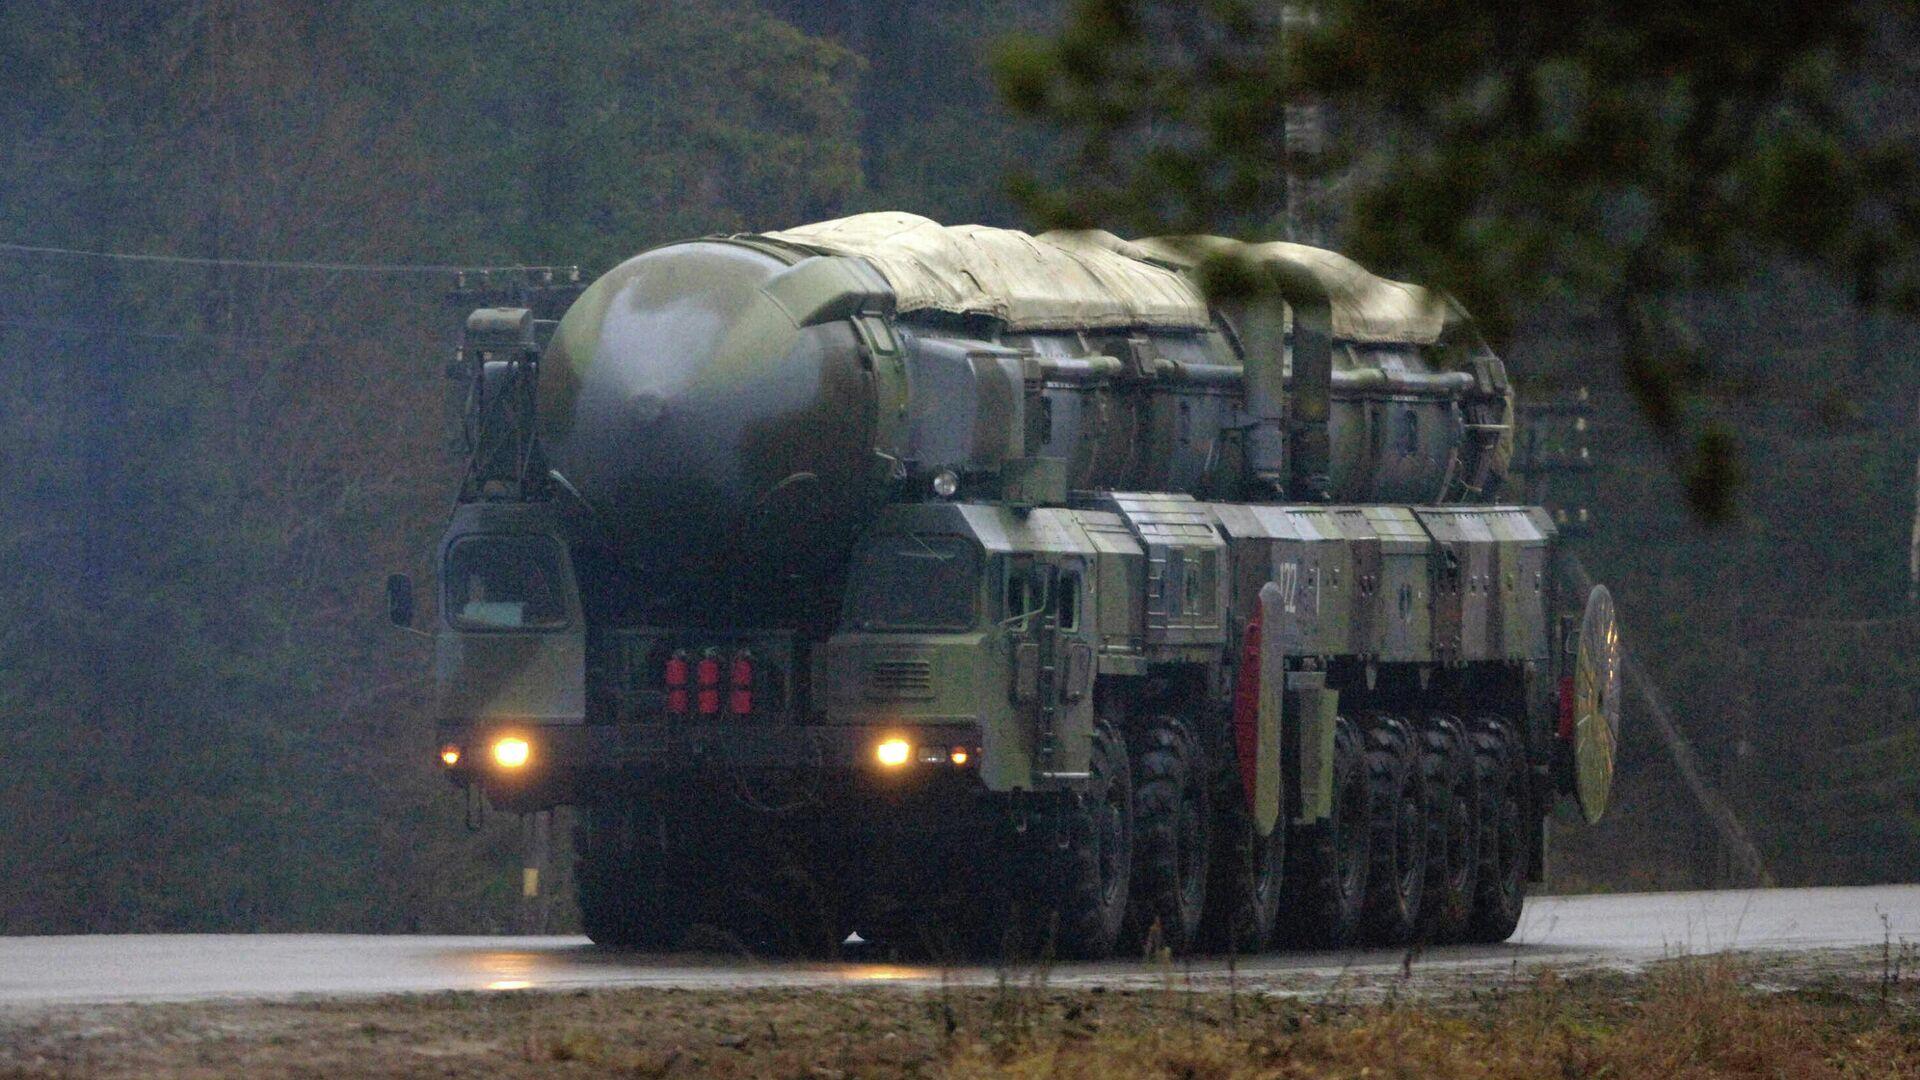 Подвижный грунтовый ракетный комплекс (ПГРК) стратегического назначения РС-12 Тополь выдвигается на позицию - РИА Новости, 1920, 06.04.2021